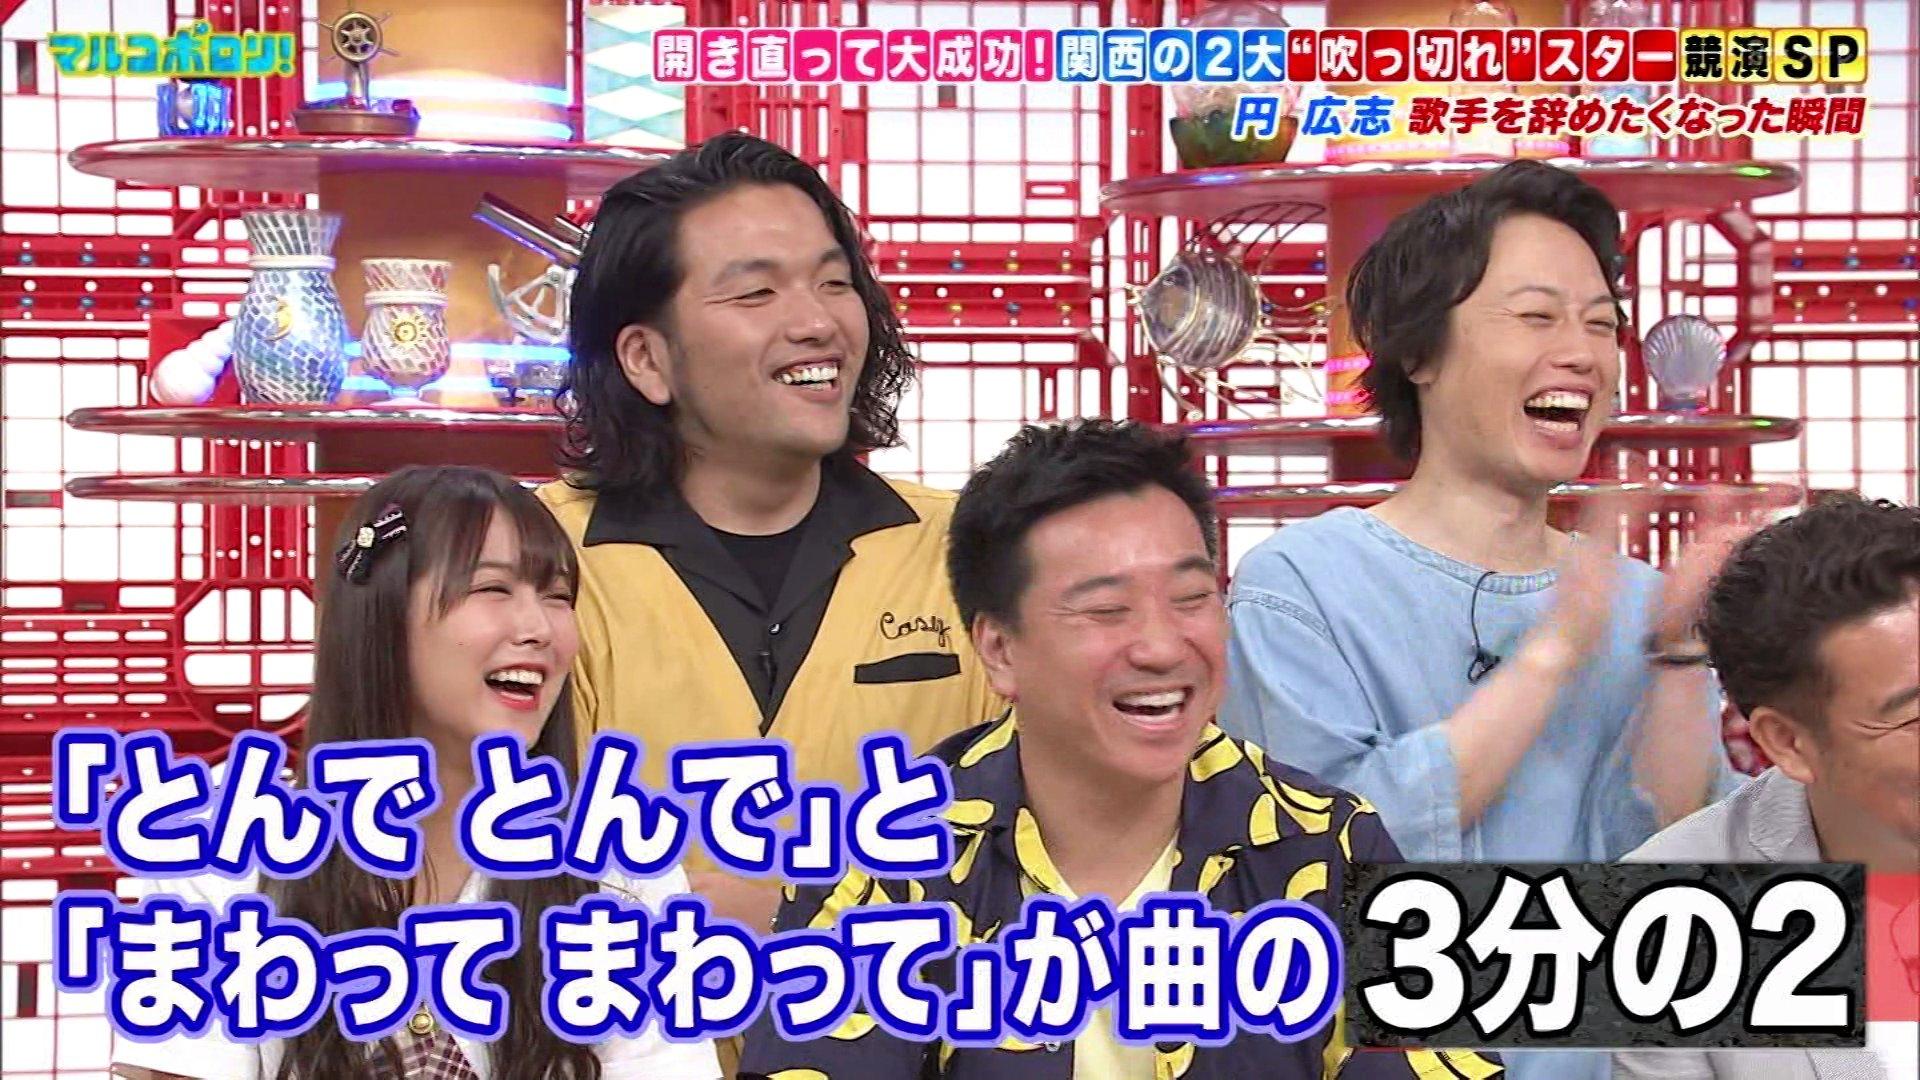 【白間美瑠】みるるん出演6/23「マルコポロリ!」の画像。関西の2大吹っ切れスター共演SP